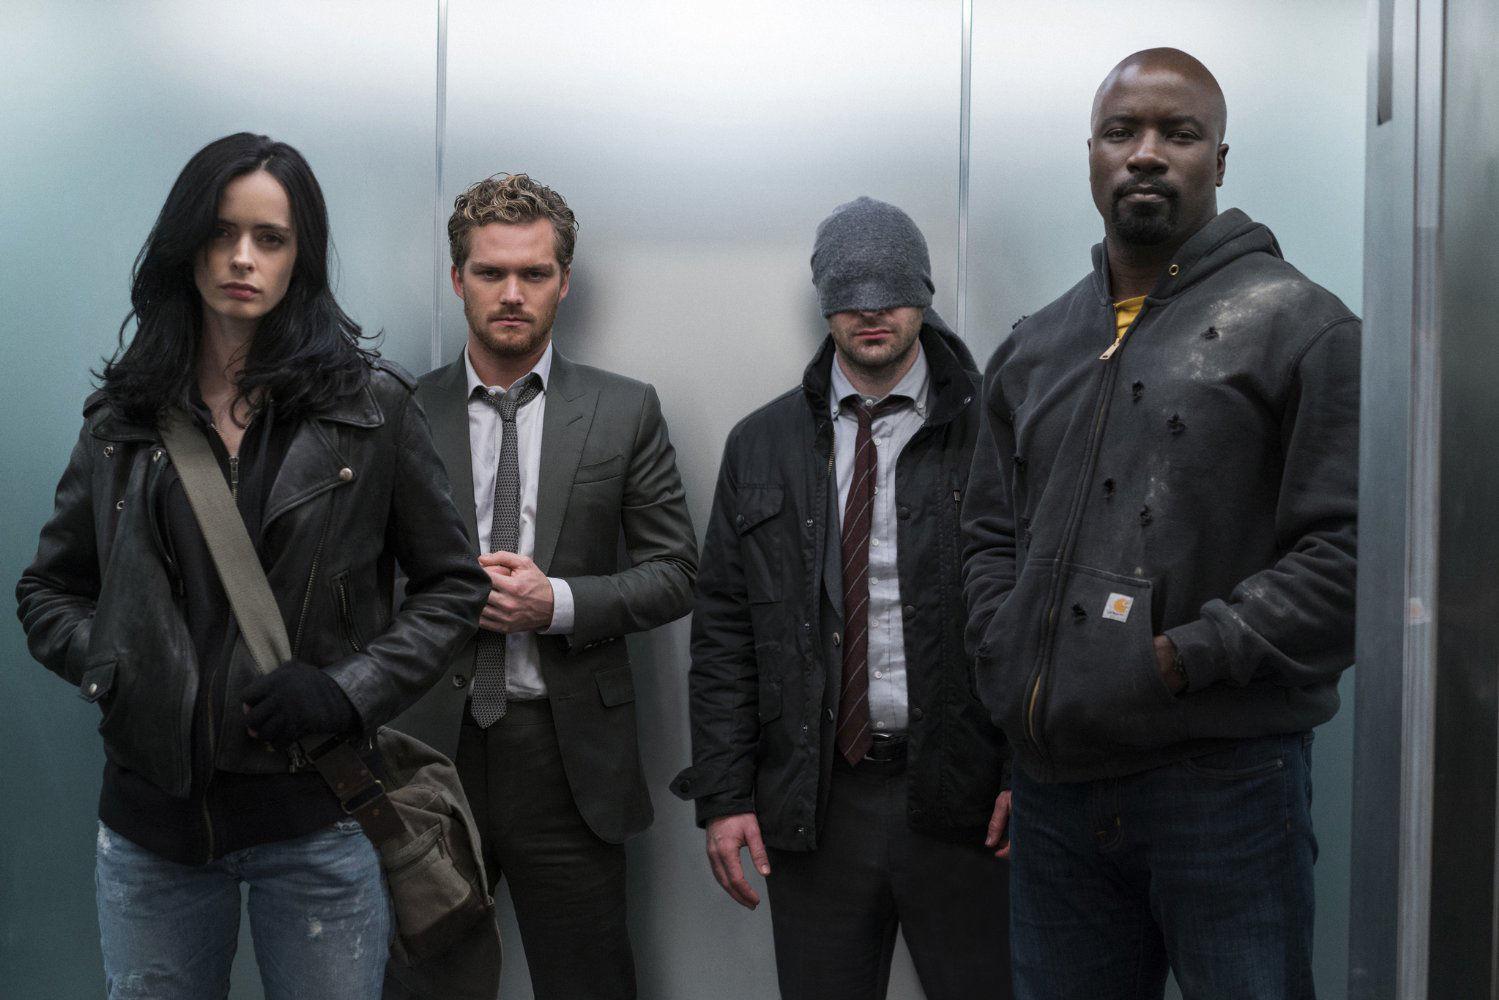 Marvel Monday: Netflix renews 'Iron Fist' for a second season